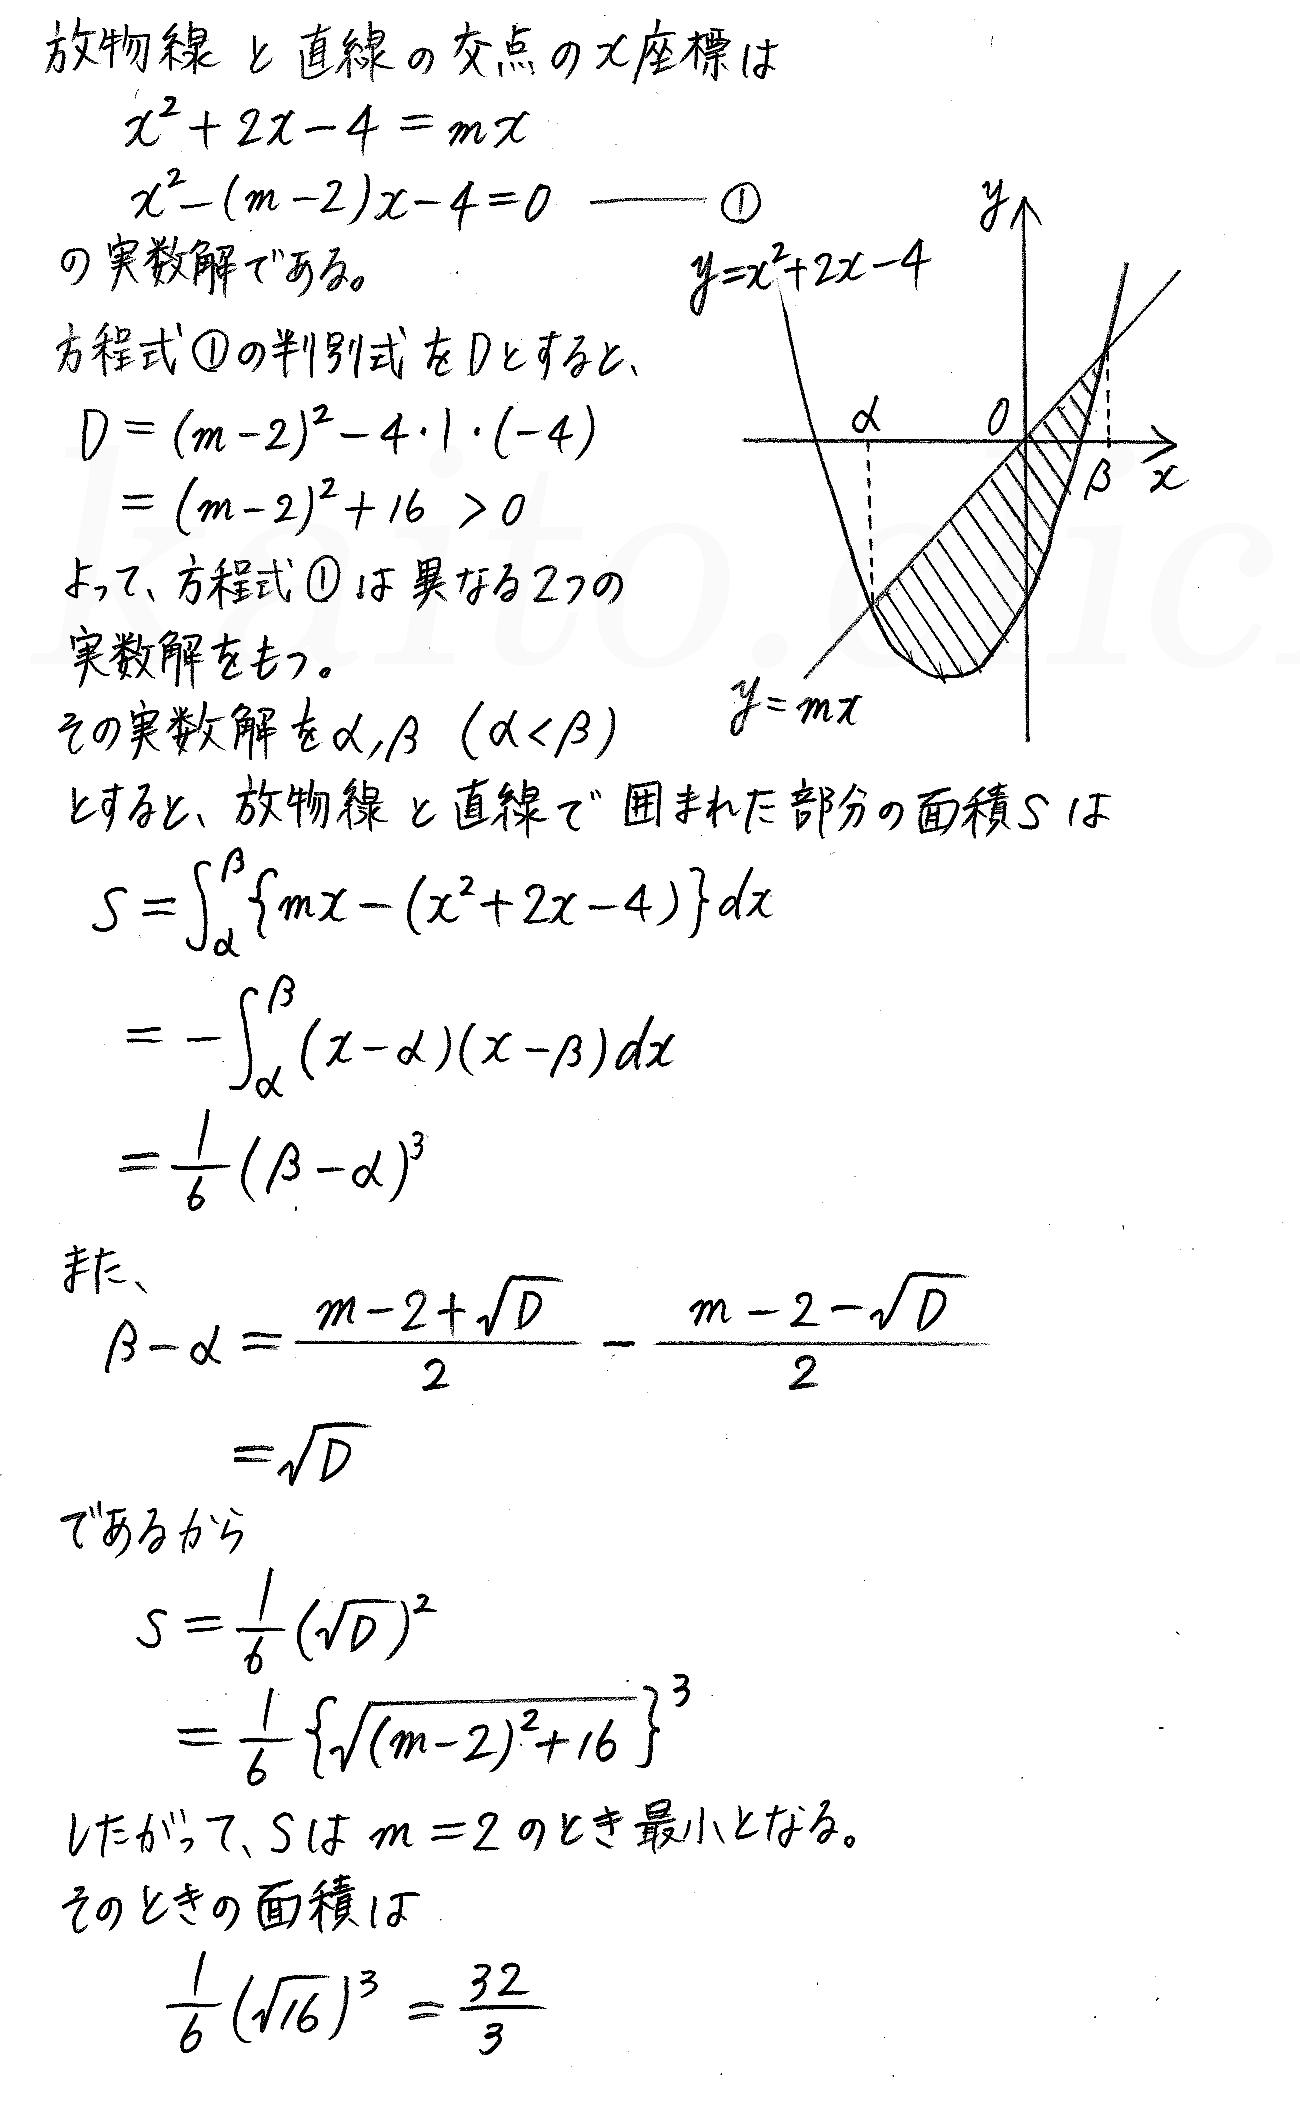 クリアー数学2-498解答